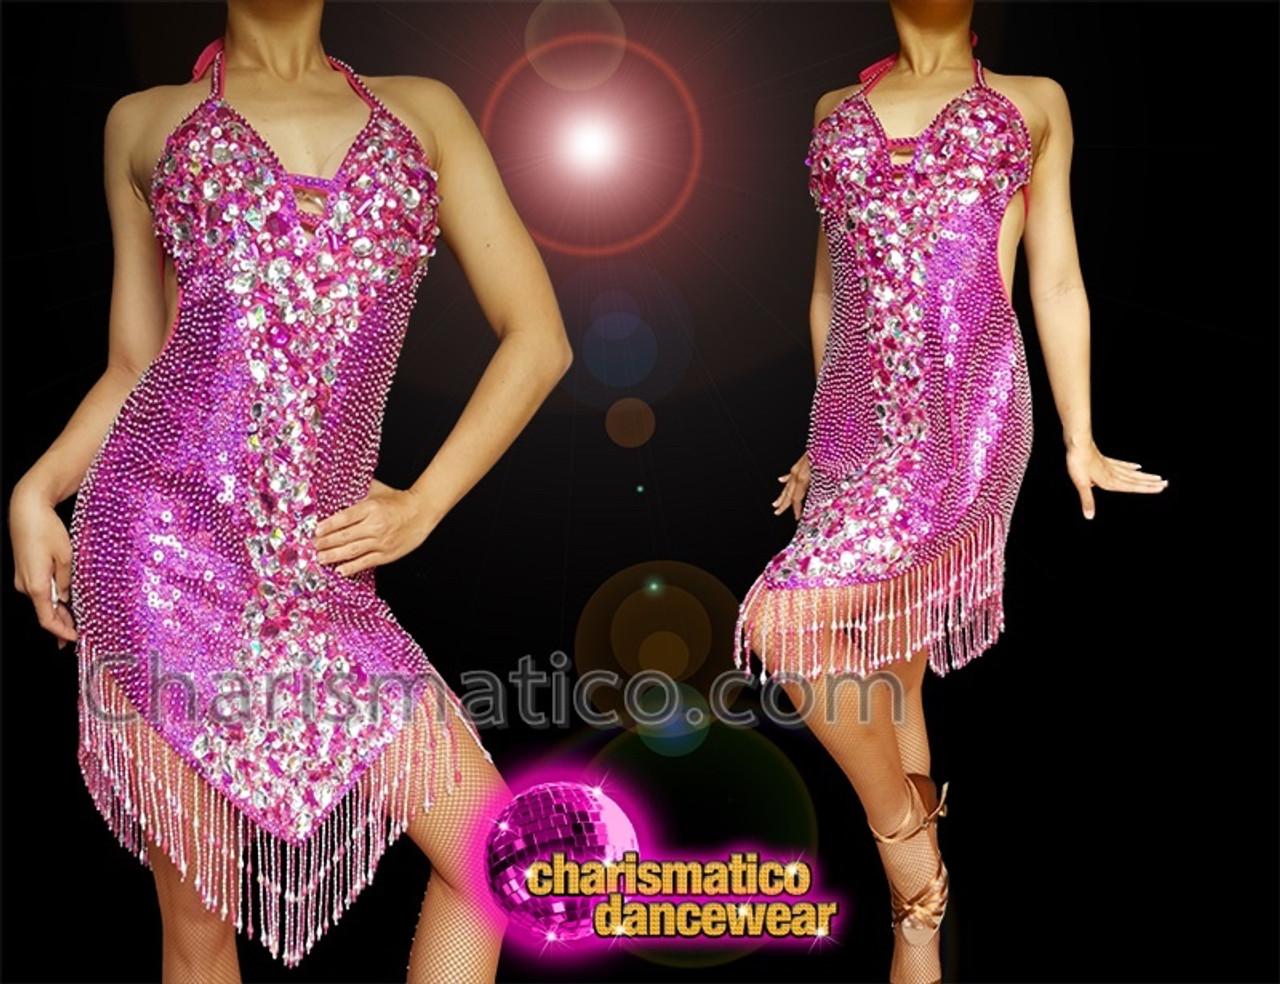 Charismatico FUSHCIA SPARKLE FRINGE LATIN SALSA DANCE Dress DANCEWEAR